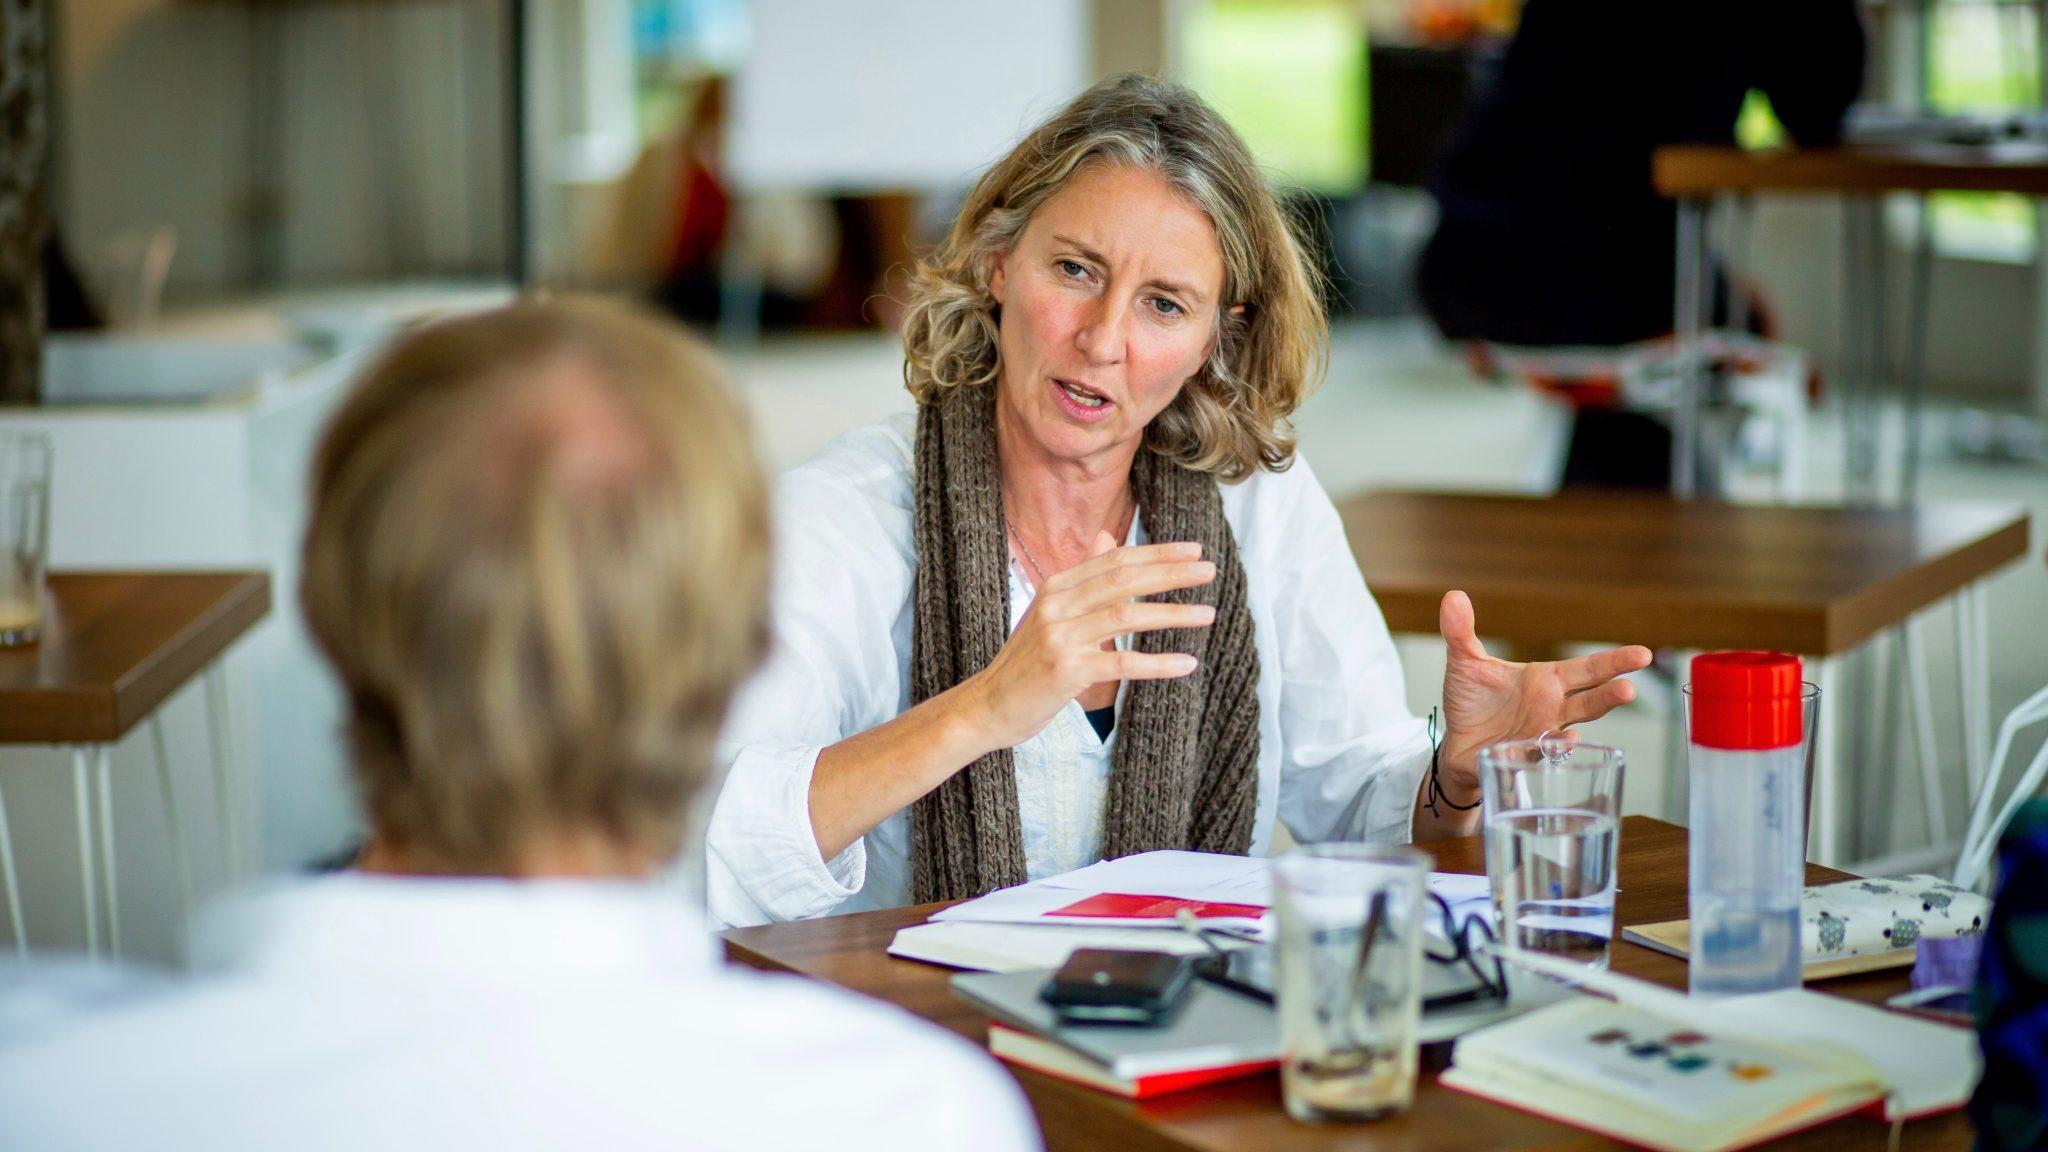 Board members meet in Amsterdam